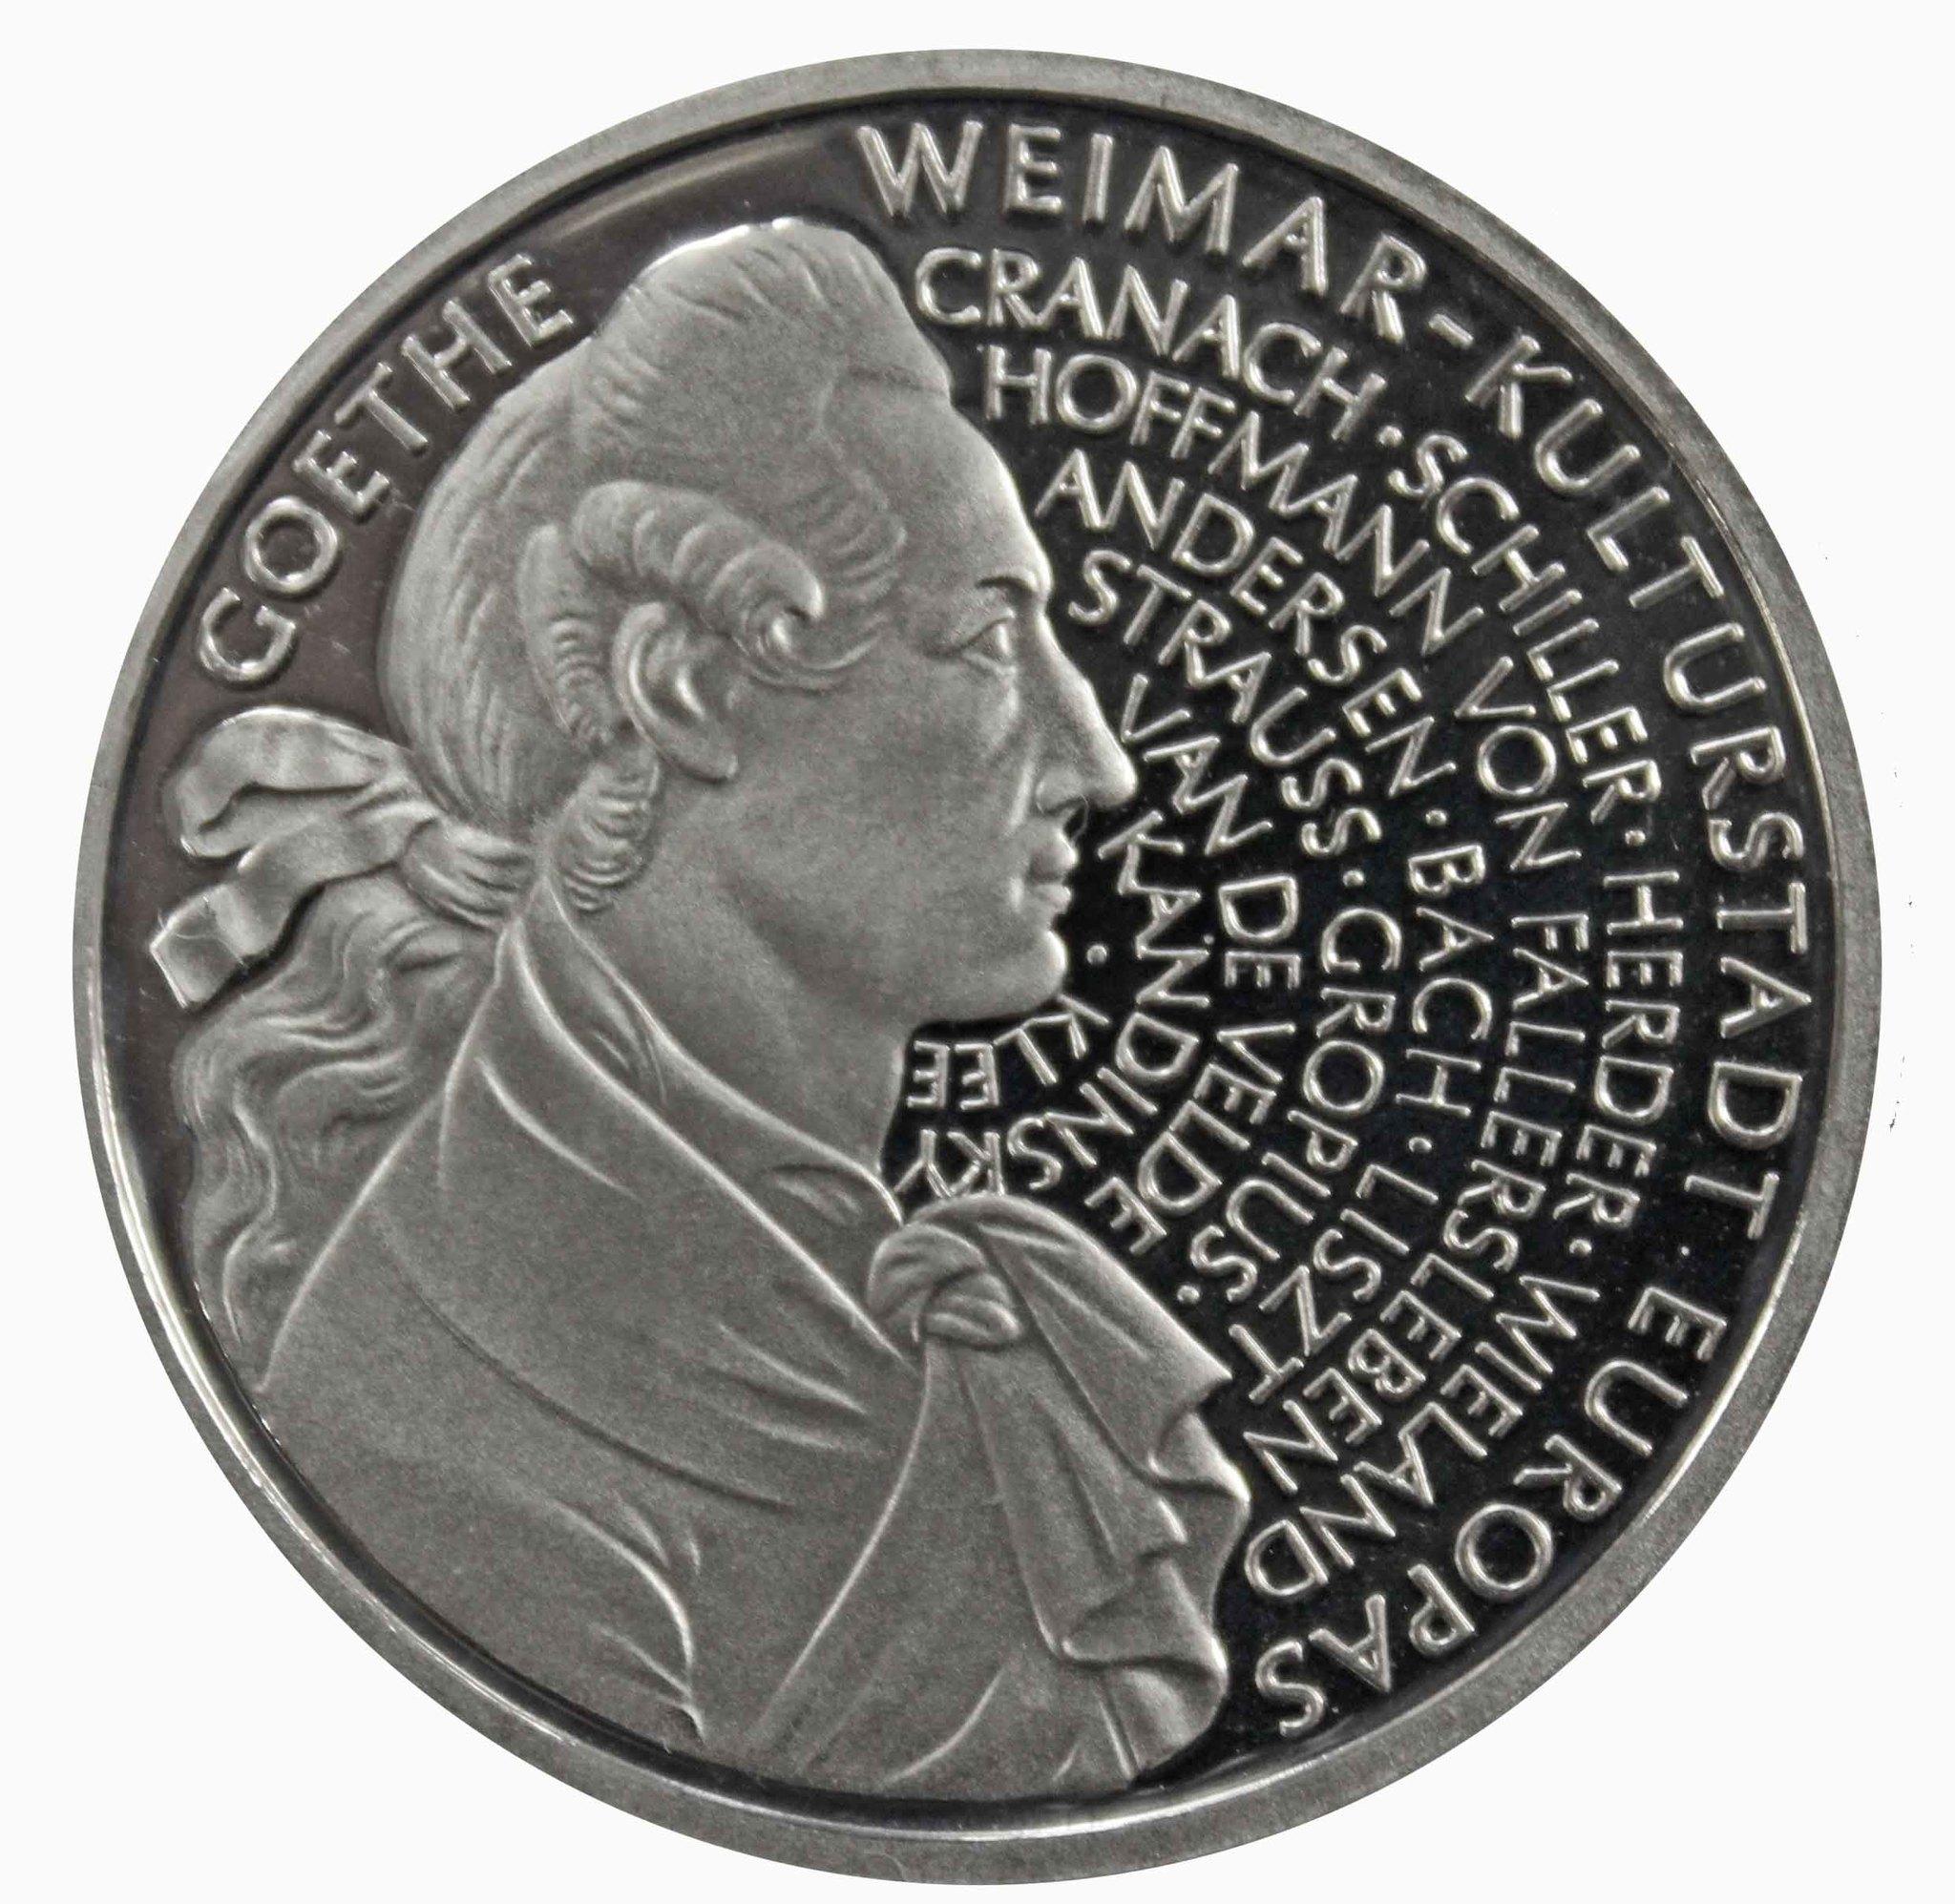 10 марок. 250 лет со дня рождения Иоганна Вольфганга фон Гете (А). Серебро. 1999 г. PROOF. В родной запайке